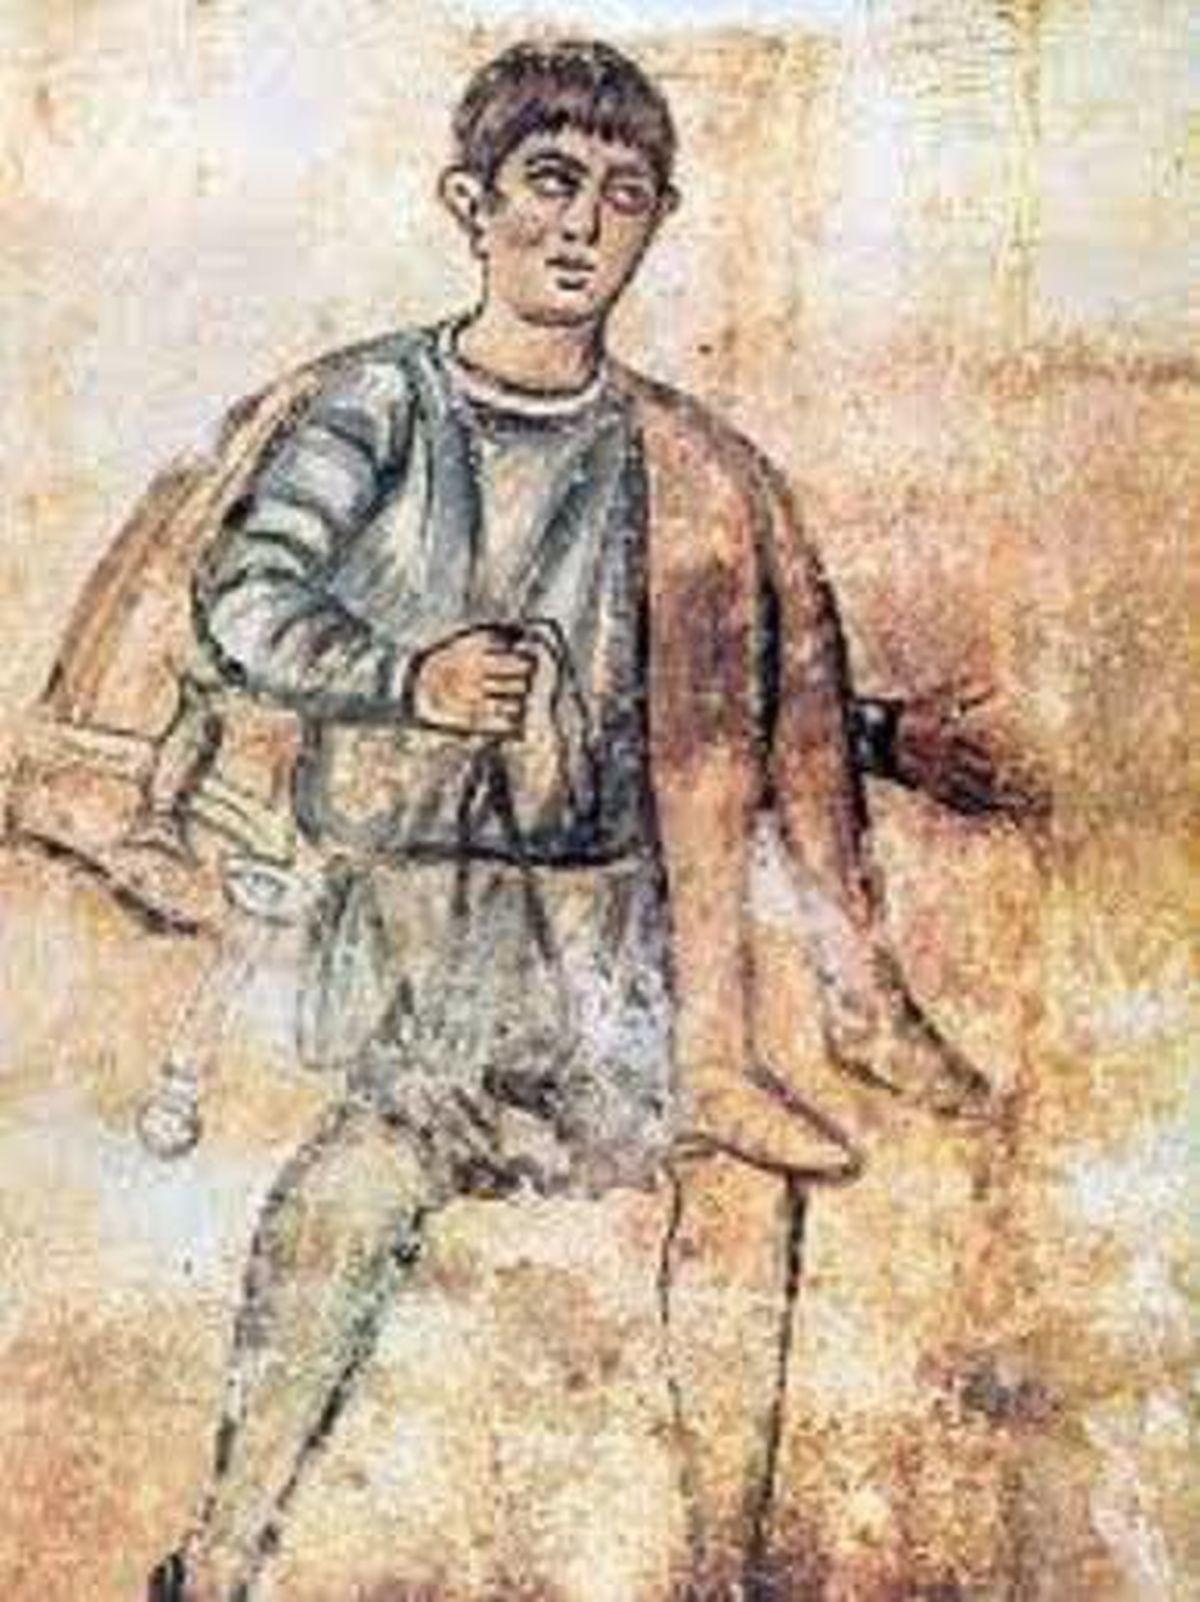 Fresk ukazujący niewolnika niosącego spodnie pana